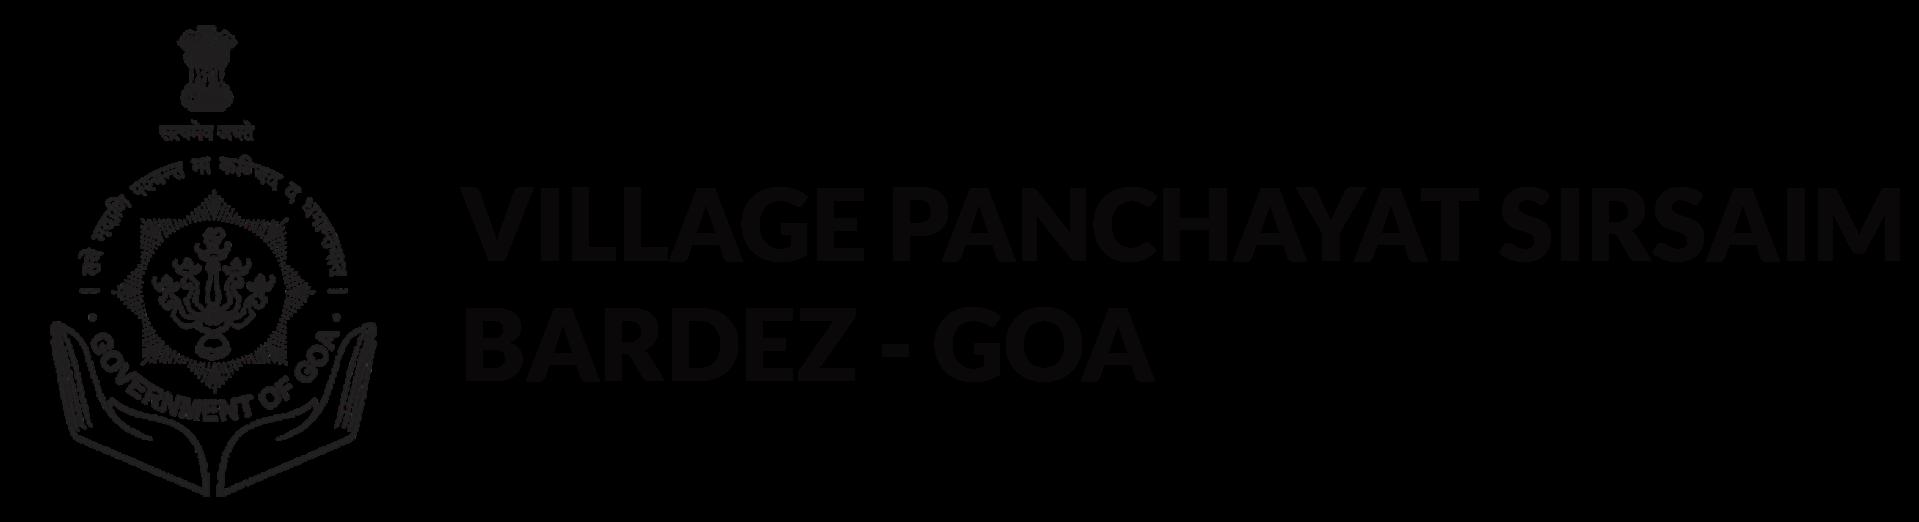 Village Panchayat Sirsaim